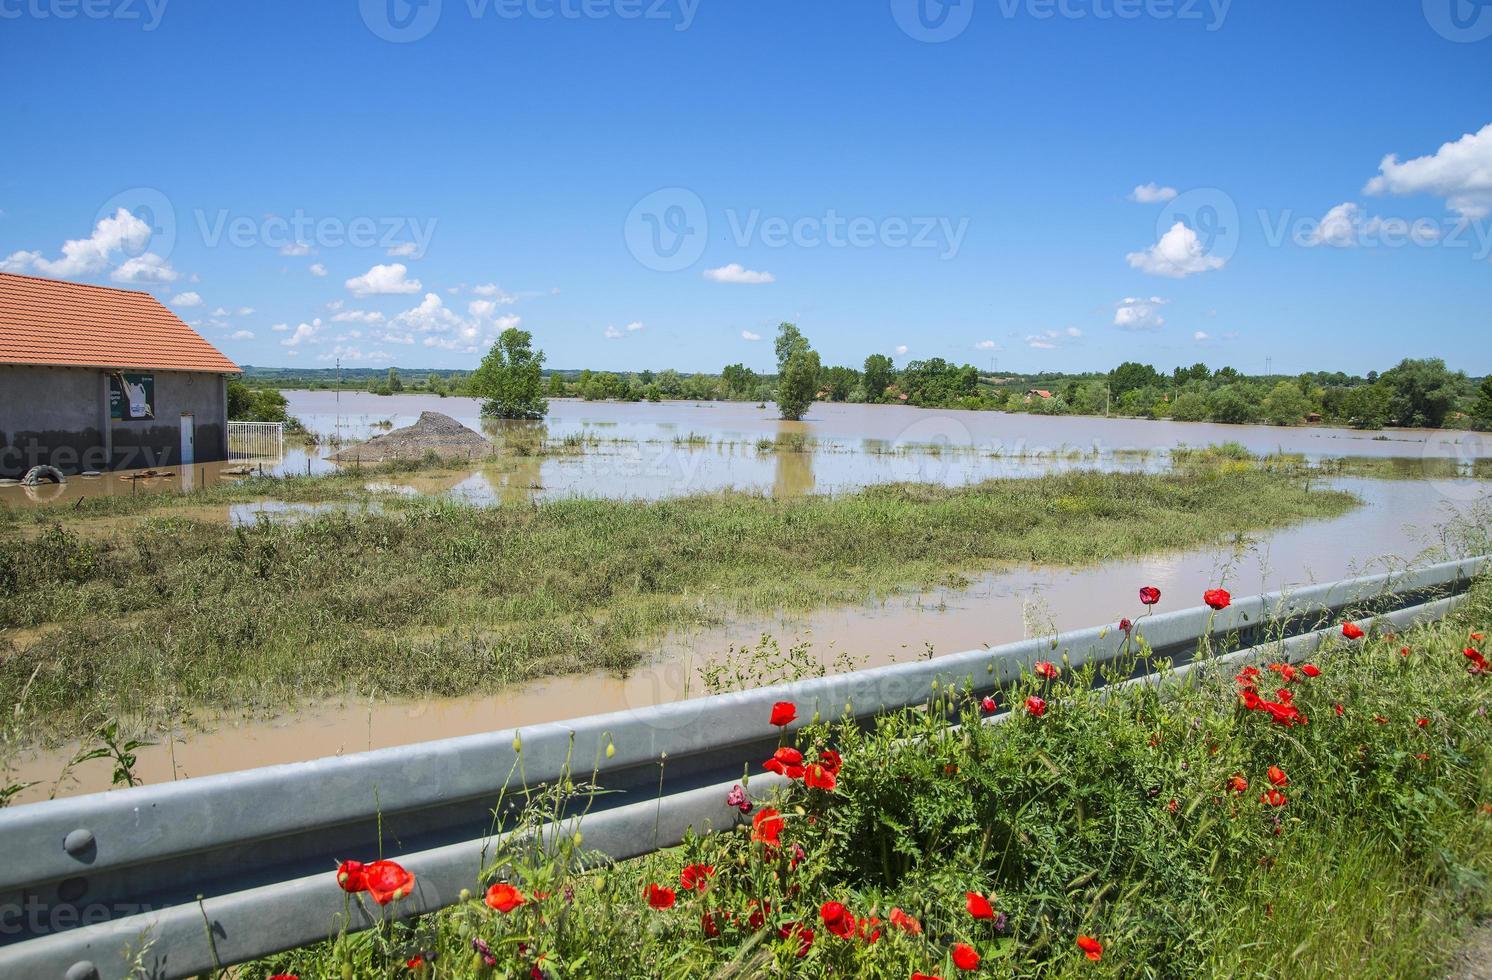 große Flut, die Häuser, Felder und Straßen umfasste foto